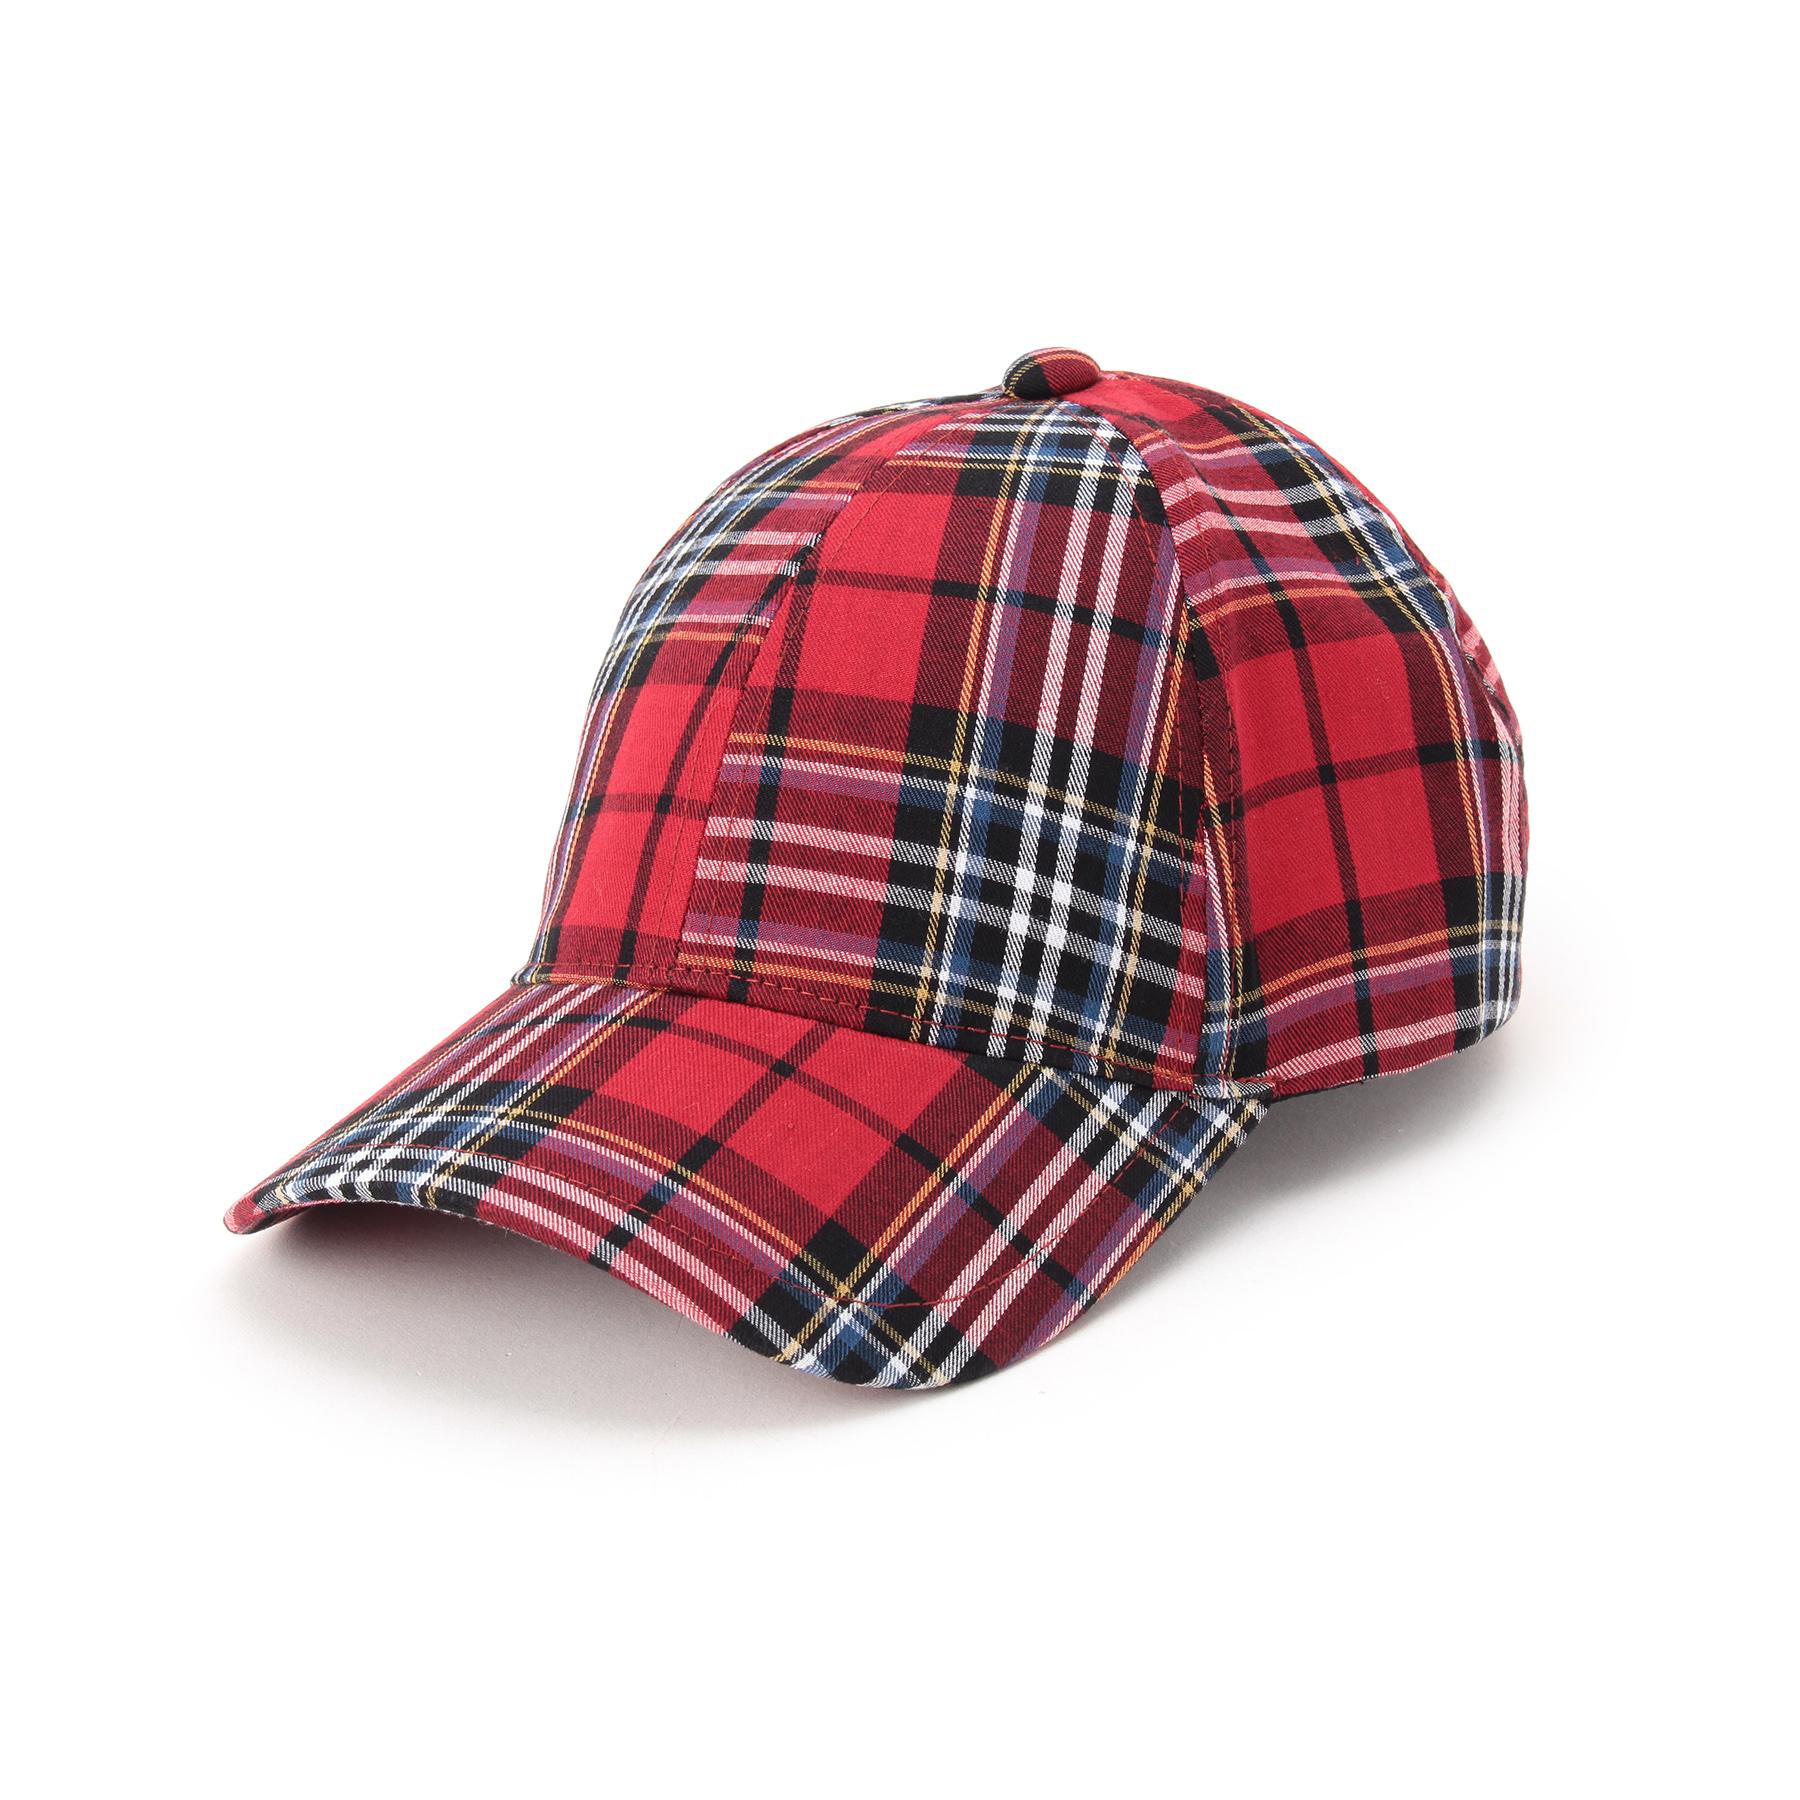 【OZOC (オゾック)】チェック柄キャップレディース 帽子|キャップ レッド